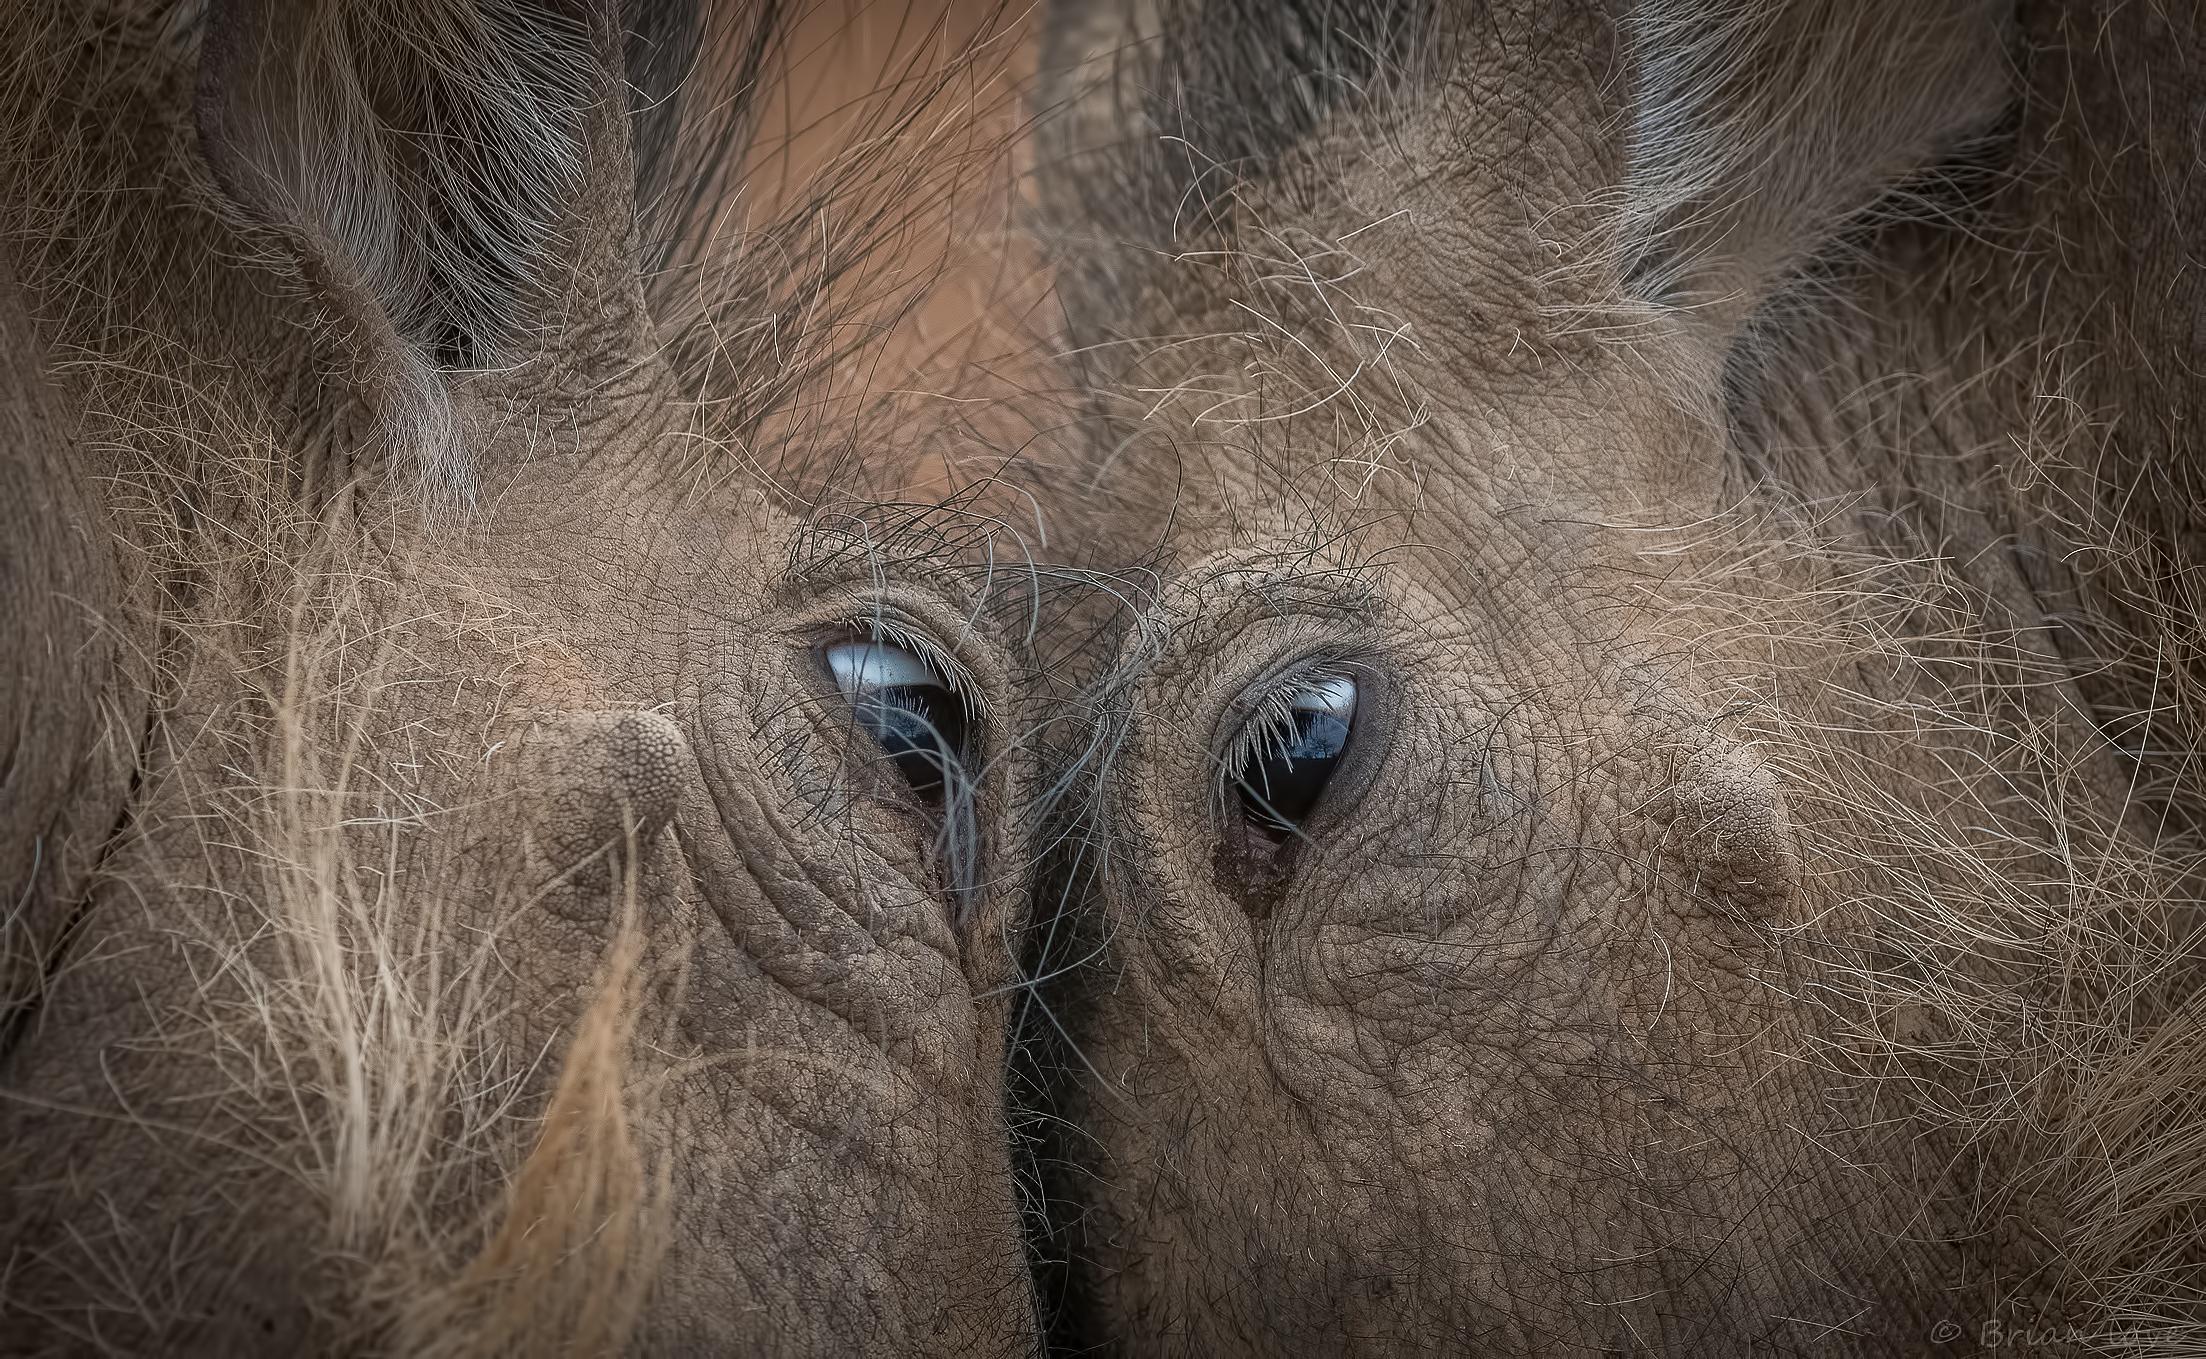 Eye to Eye - Dueling Warthogs...